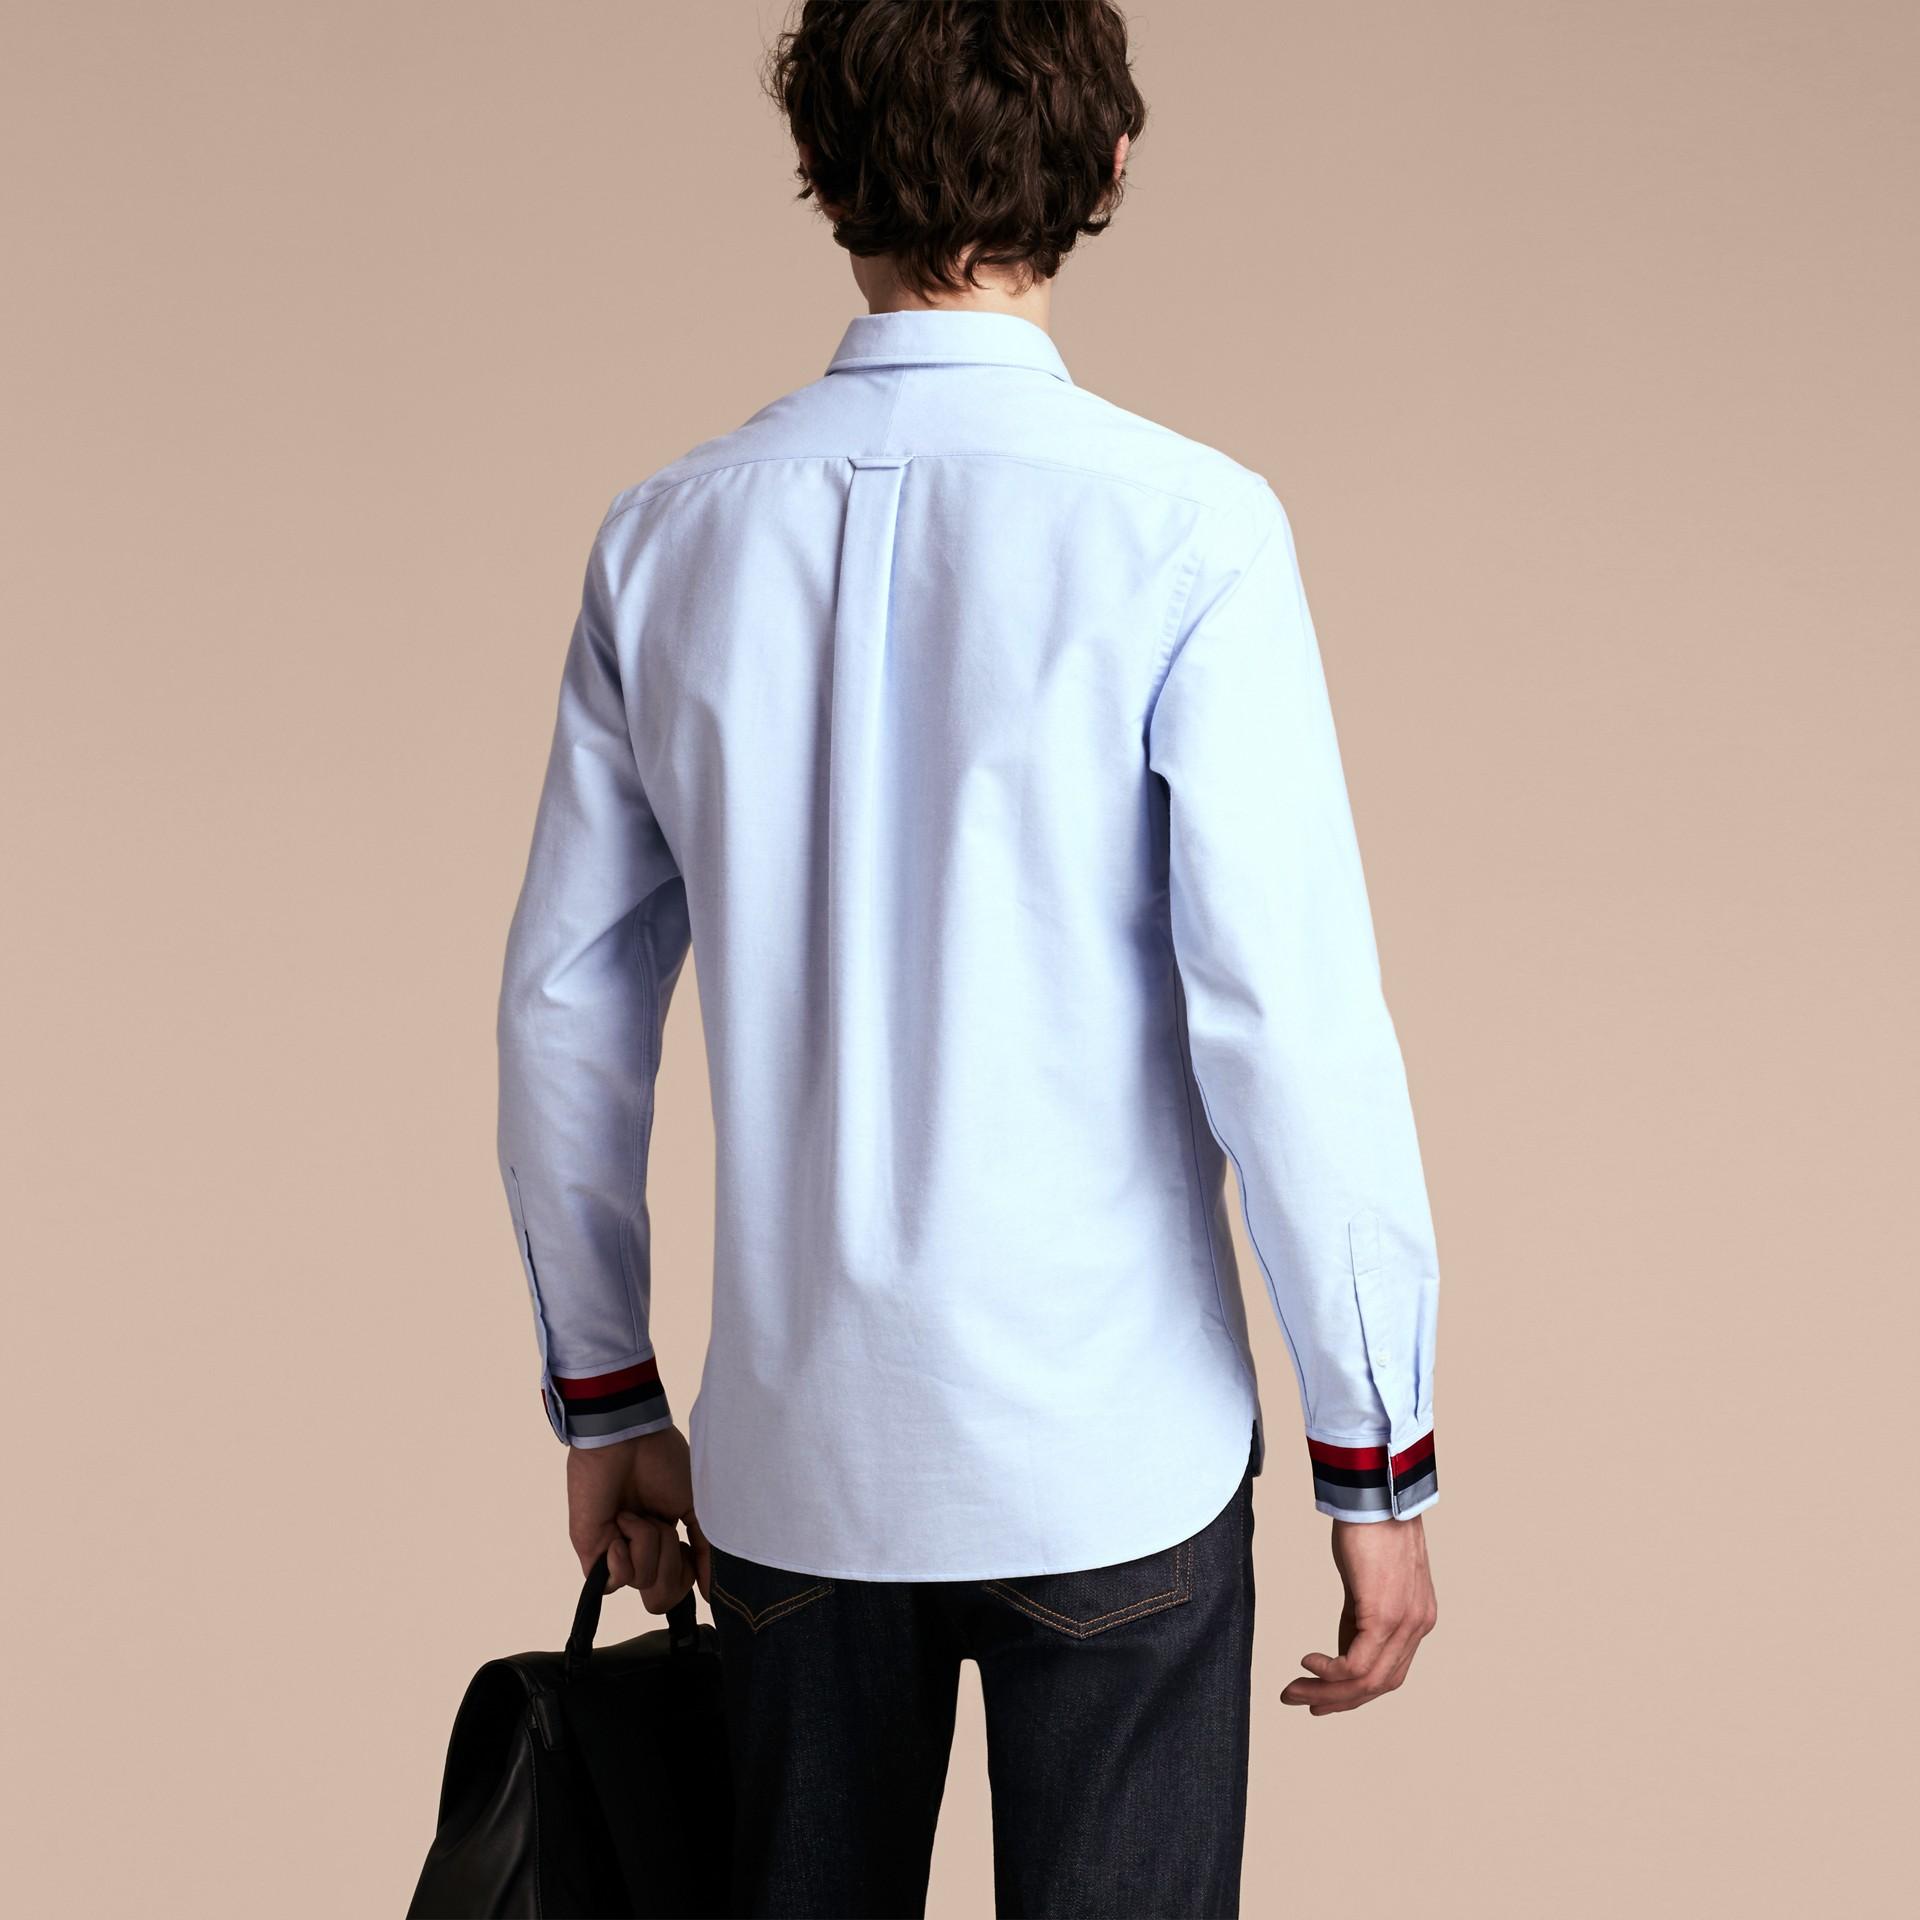 Oxford Cotton Shirt with Regimental Cuff Detail Cornflower Blue - gallery image 3